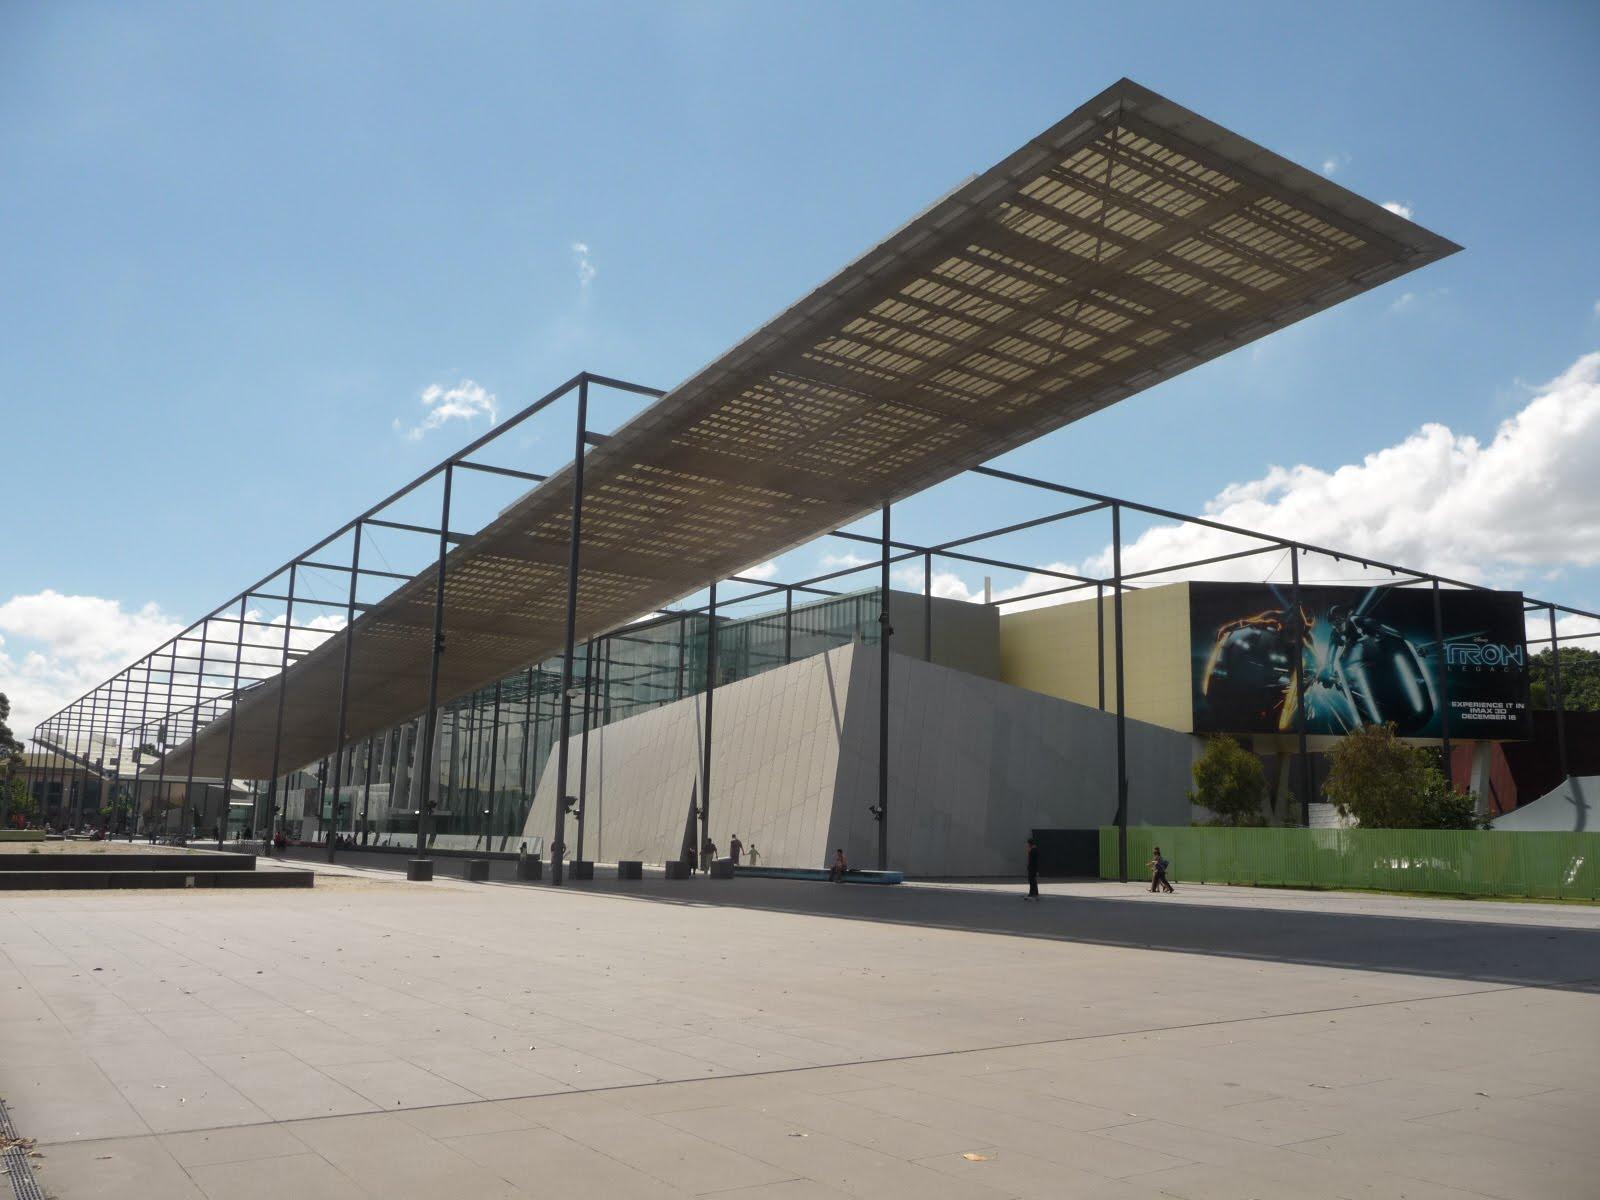 Le globe d 39 ignace melbourne et son architecture contemporaine for Architecture contemporaine